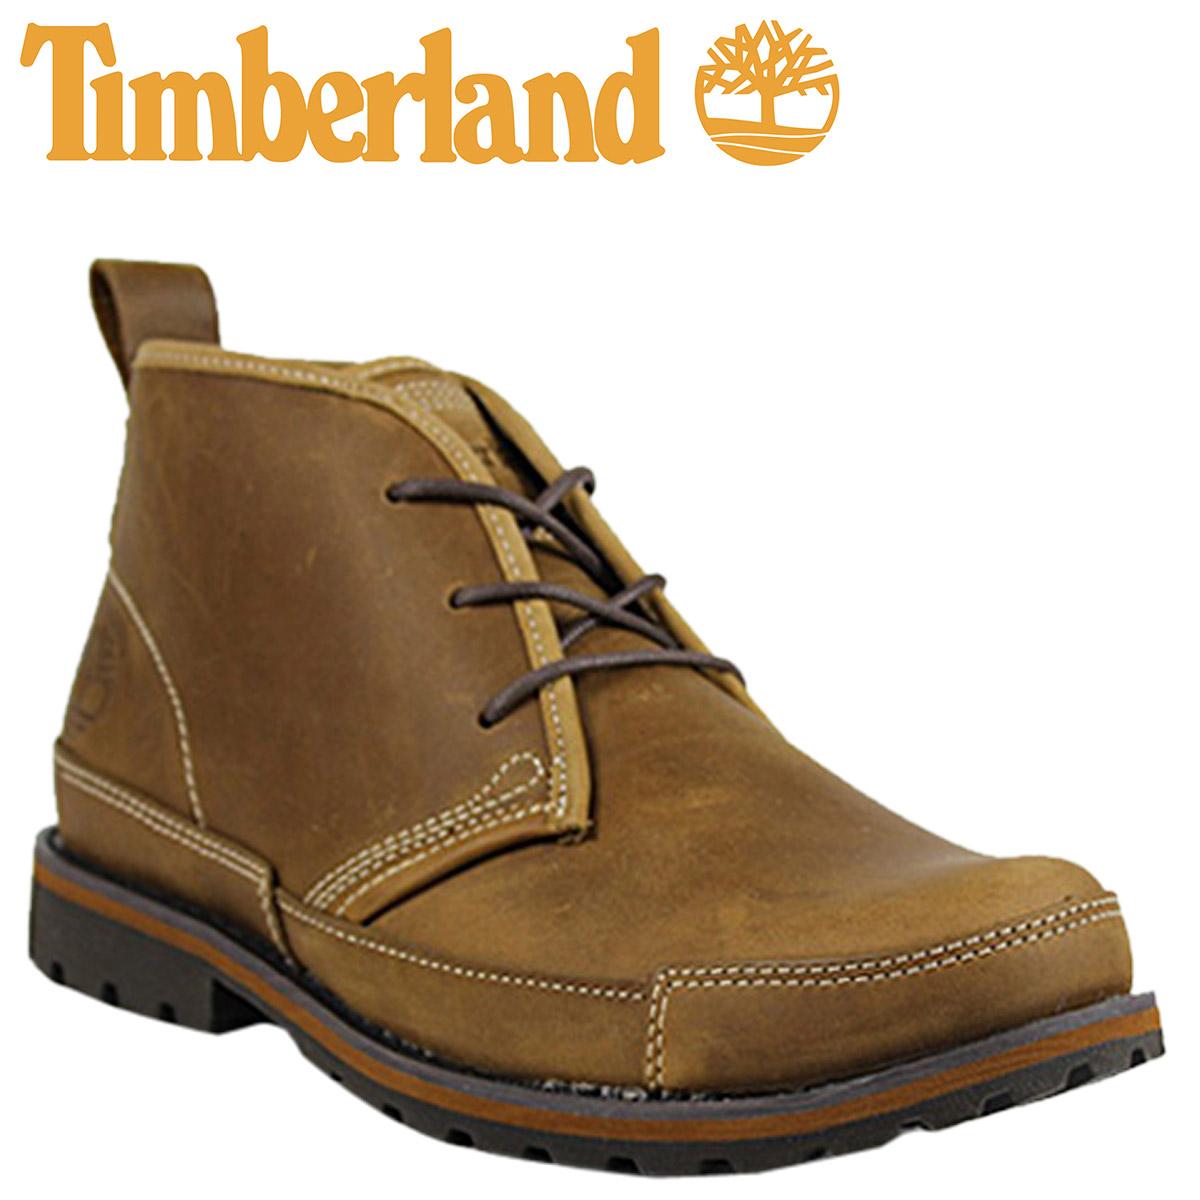 Timberland Shoe Store Boston